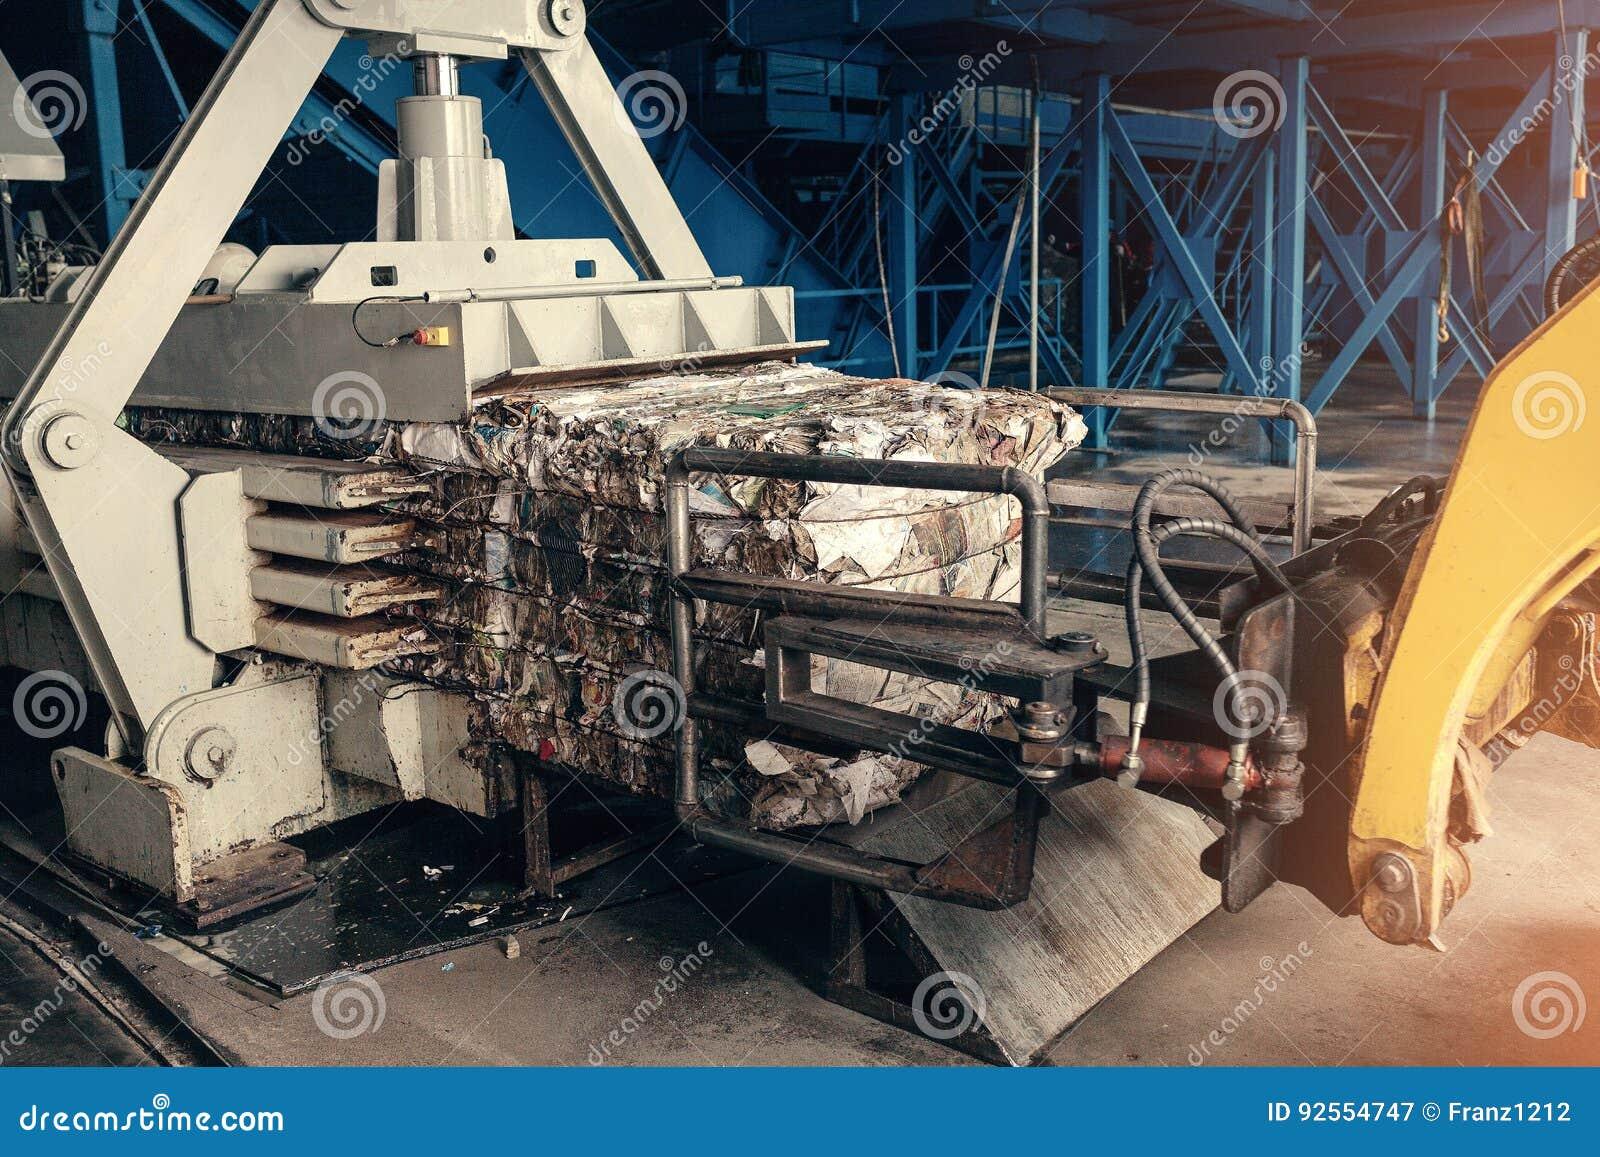 Gele Vorkheftruck De verwerkingsinstallatie van het afval Technologisch proces Recycling en opslag van afval voor verdere verwijd